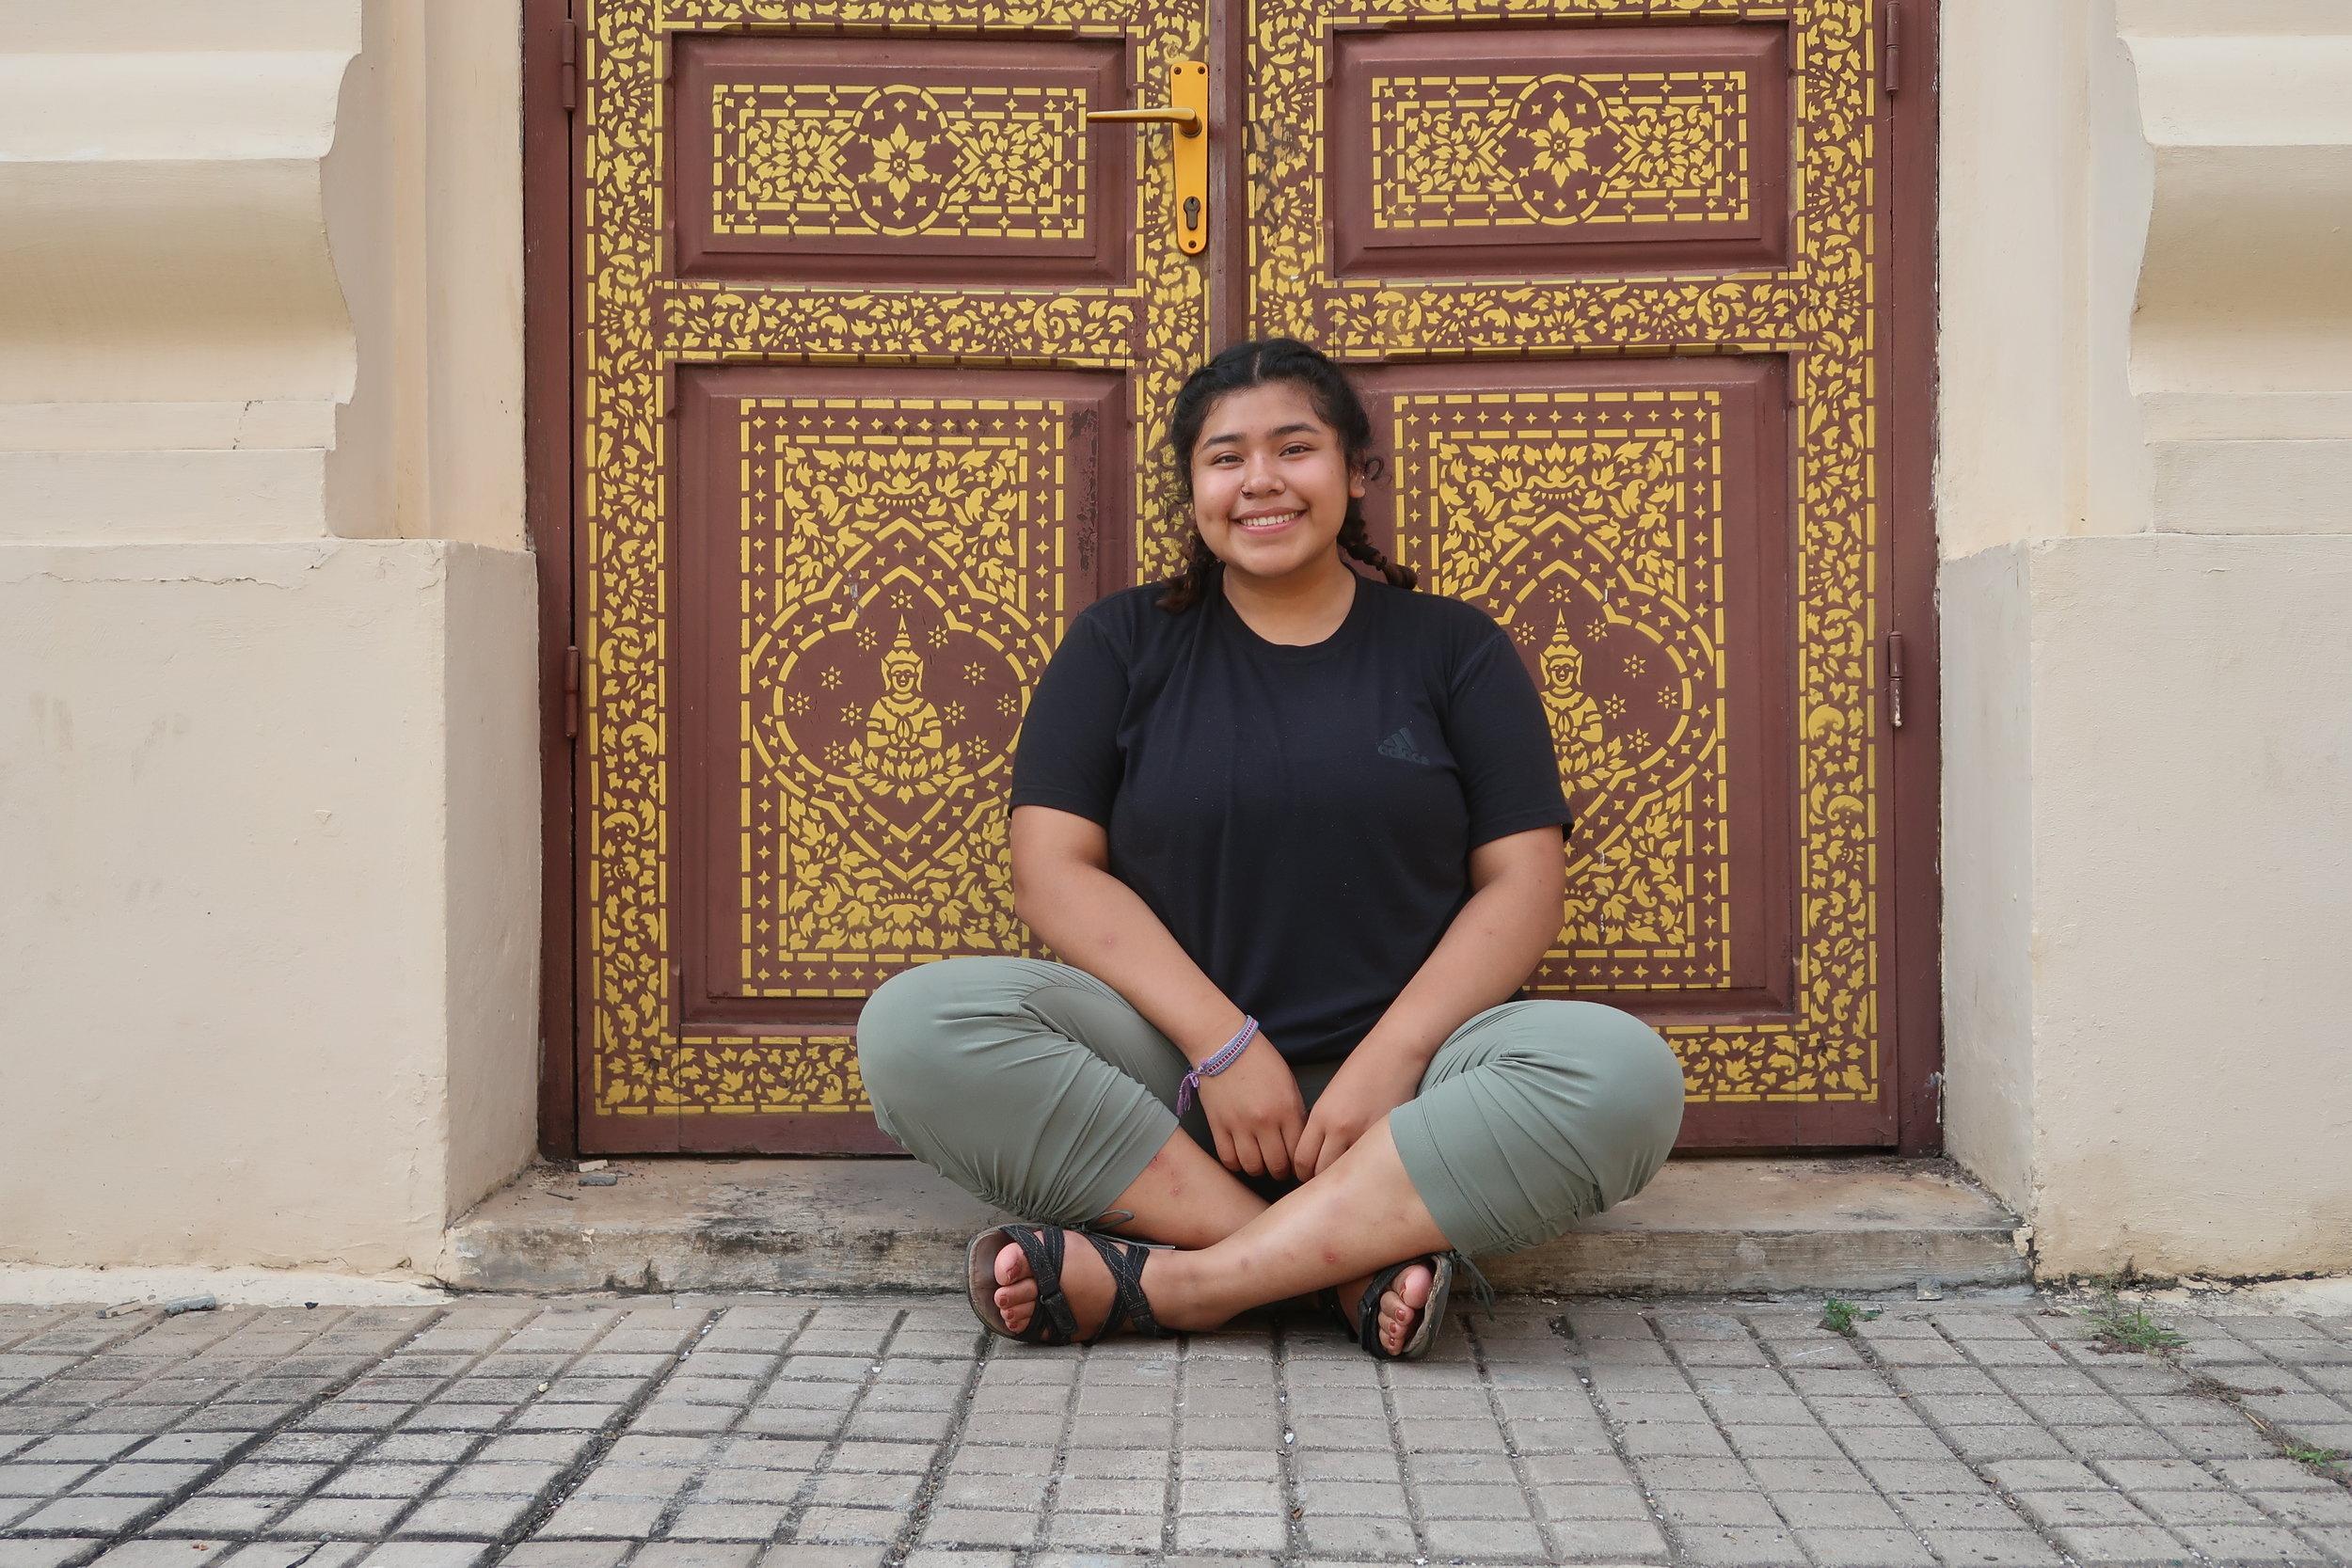 Alejandra during her trip